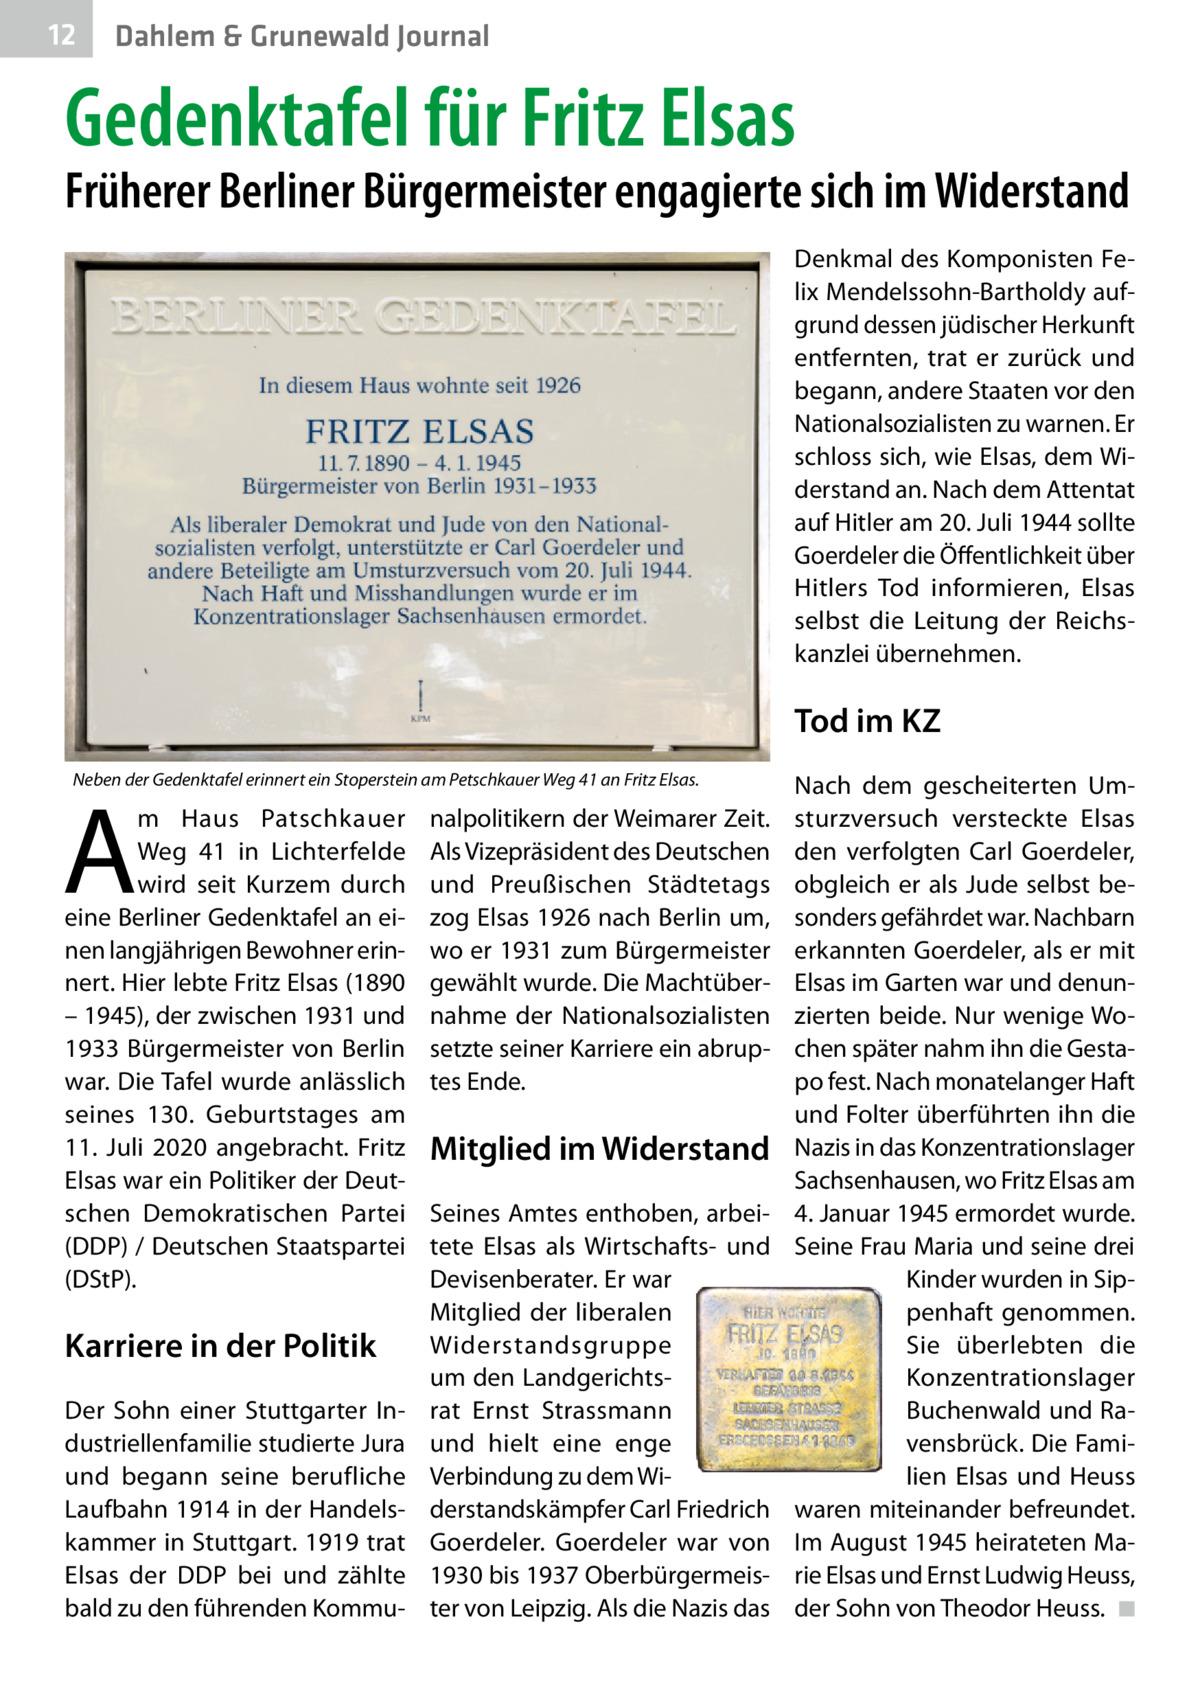 12  Dahlem & Grunewald Journal  Gedenktafel für Fritz Elsas  Früherer Berliner Bürgermeister engagierte sich im Widerstand Denkmal des Komponisten Felix Mendelssohn-Bartholdy aufgrund dessen jüdischer Herkunft entfernten, trat er zurück und begann, andere Staaten vor den Nationalsozialisten zu warnen. Er schloss sich, wie Elsas, dem Widerstand an. Nach dem Attentat auf Hitler am 20.Juli 1944 sollte Goerdeler die Öffentlichkeit über Hitlers Tod informieren, Elsas selbst die Leitung der Reichskanzlei übernehmen.  Tod im KZ Neben der Gedenktafel erinnert ein Stoperstein am Petschkauer Weg41 an Fritz Elsas.  A  m Haus Patschkauer Weg 41 in Lichterfelde wird seit Kurzem durch eine Berliner Gedenktafel an einen langjährigen Bewohner erinnert. Hier lebte Fritz Elsas (1890 – 1945), der zwischen 1931 und 1933 Bürgermeister von Berlin war. Die Tafel wurde anlässlich seines 130. Geburtstages am 11. Juli 2020 angebracht. Fritz Elsas war ein Politiker der Deutschen Demokratischen Partei (DDP) / Deutschen Staatspartei (DStP).  Karriere in der Politik Der Sohn einer Stuttgarter Industriellenfamilie studierte Jura und begann seine berufliche Laufbahn 1914 in der Handelskammer in Stuttgart. 1919 trat Elsas der DDP bei und zählte bald zu den führenden Kommu nalpolitikern der Weimarer Zeit. Als Vizepräsident des Deutschen und Preußischen Städtetags zog Elsas 1926 nach Berlin um, wo er 1931 zum Bürgermeister gewählt wurde. Die Machtübernahme der Nationalsozialisten setzte seiner Karriere ein abruptes Ende.  Mitglied im Widerstand Seines Amtes enthoben, arbeitete Elsas als Wirtschafts- und Devisenberater. Er war Mitglied der liberalen Widerstandsgruppe um den Landgerichtsrat Ernst Strassmann und hielt eine enge Verbindung zu dem Widerstandskämpfer Carl Friedrich Goerdeler. Goerdeler war von 1930 bis 1937 Oberbürgermeister von Leipzig. Als die Nazis das  Nach dem gescheiterten Umsturzversuch versteckte Elsas den verfolgten Carl Goerdeler, obgleich er als Jude selbst besonders gefährdet w